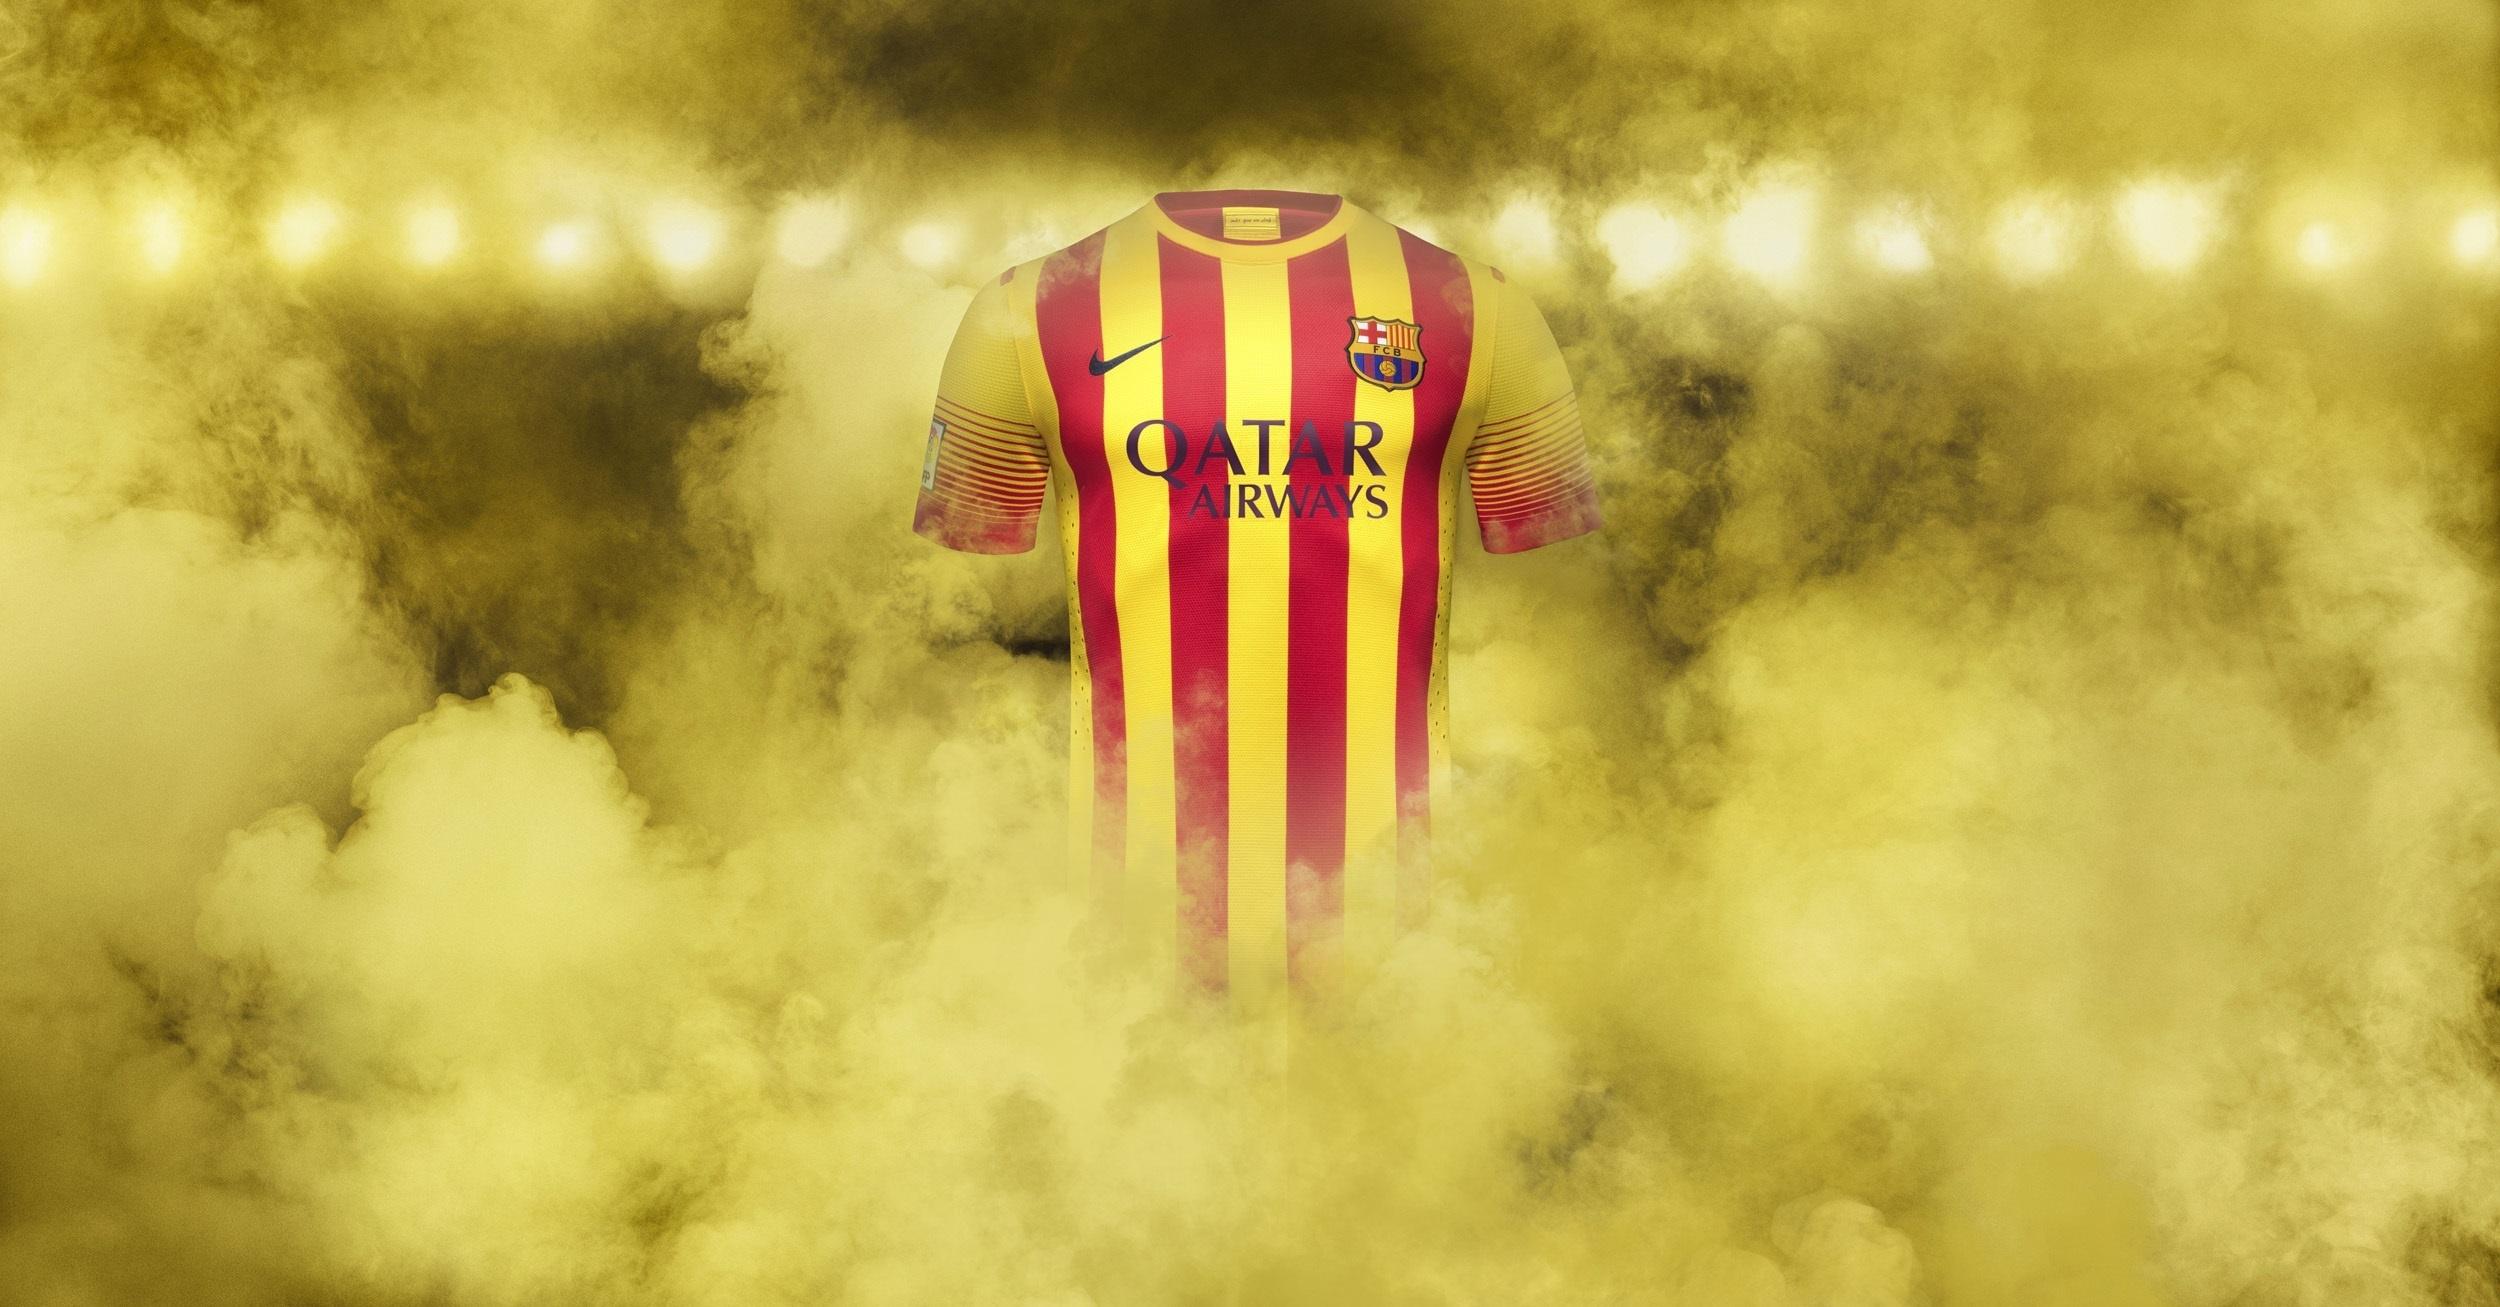 La camiseta de la Senyera del Barça, disponible desde este miércoles 19 desde las 23 horas en el Camp Nou